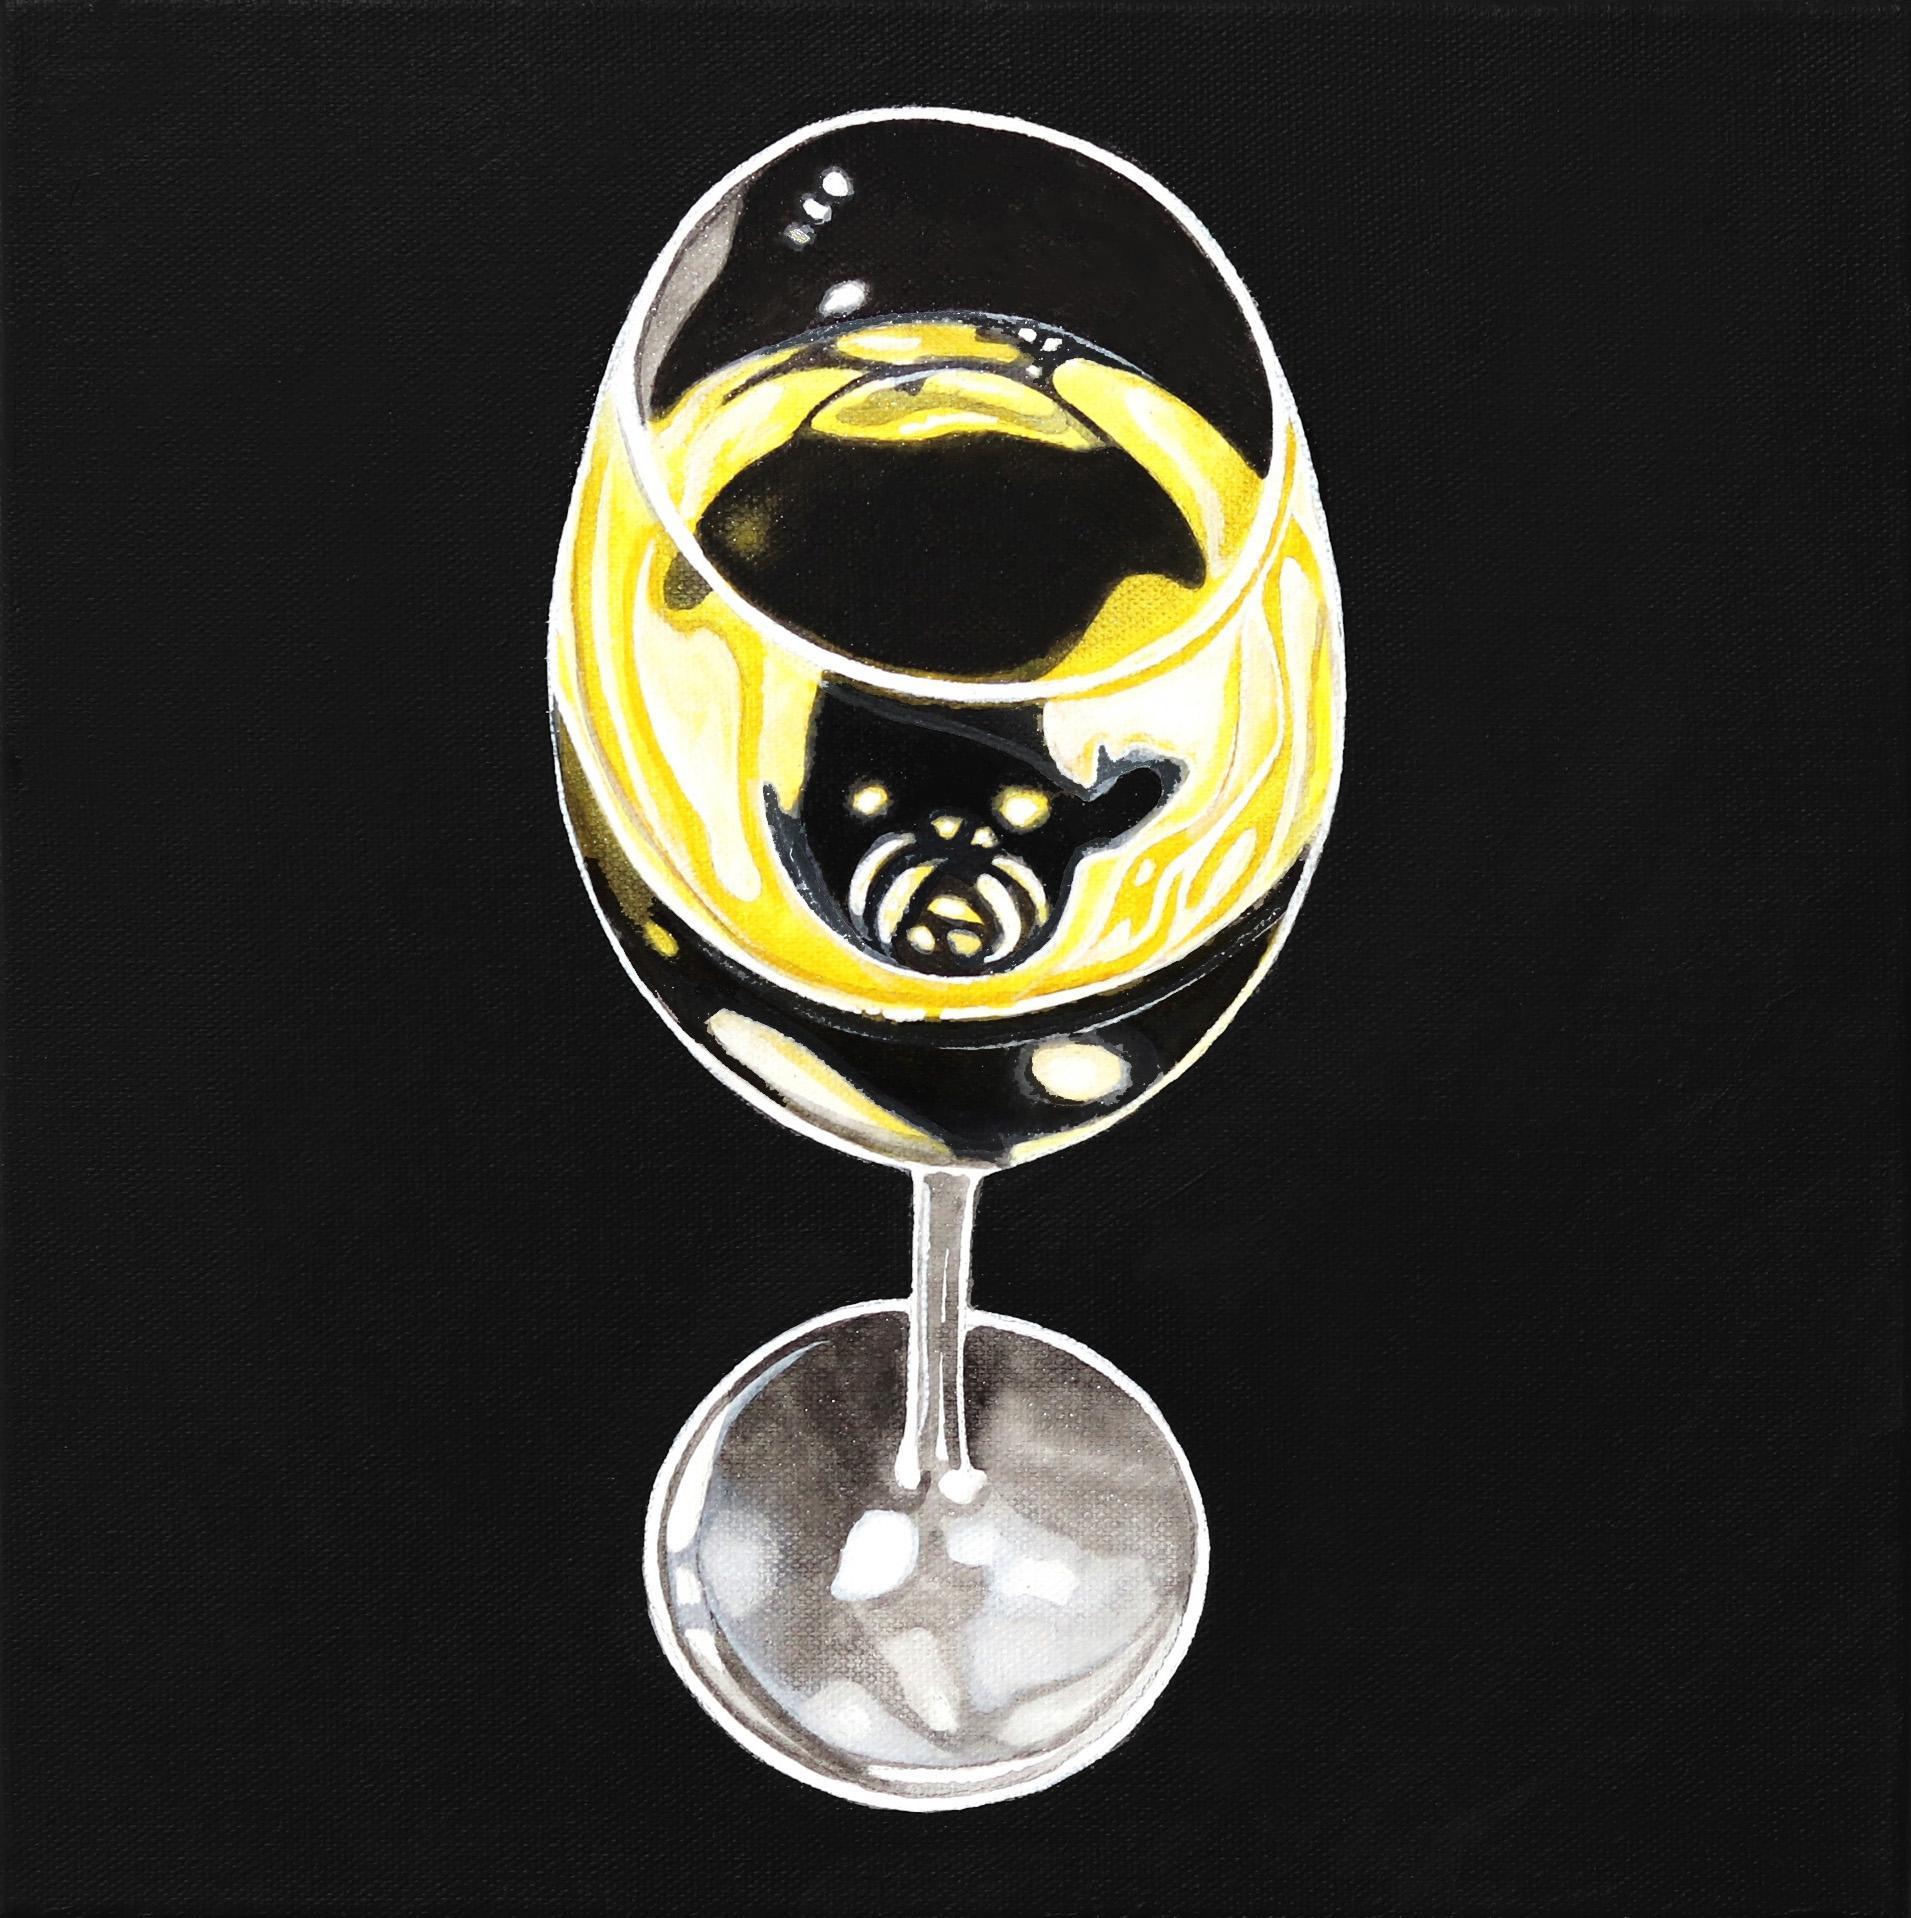 White Wine Glass -  Original Painting